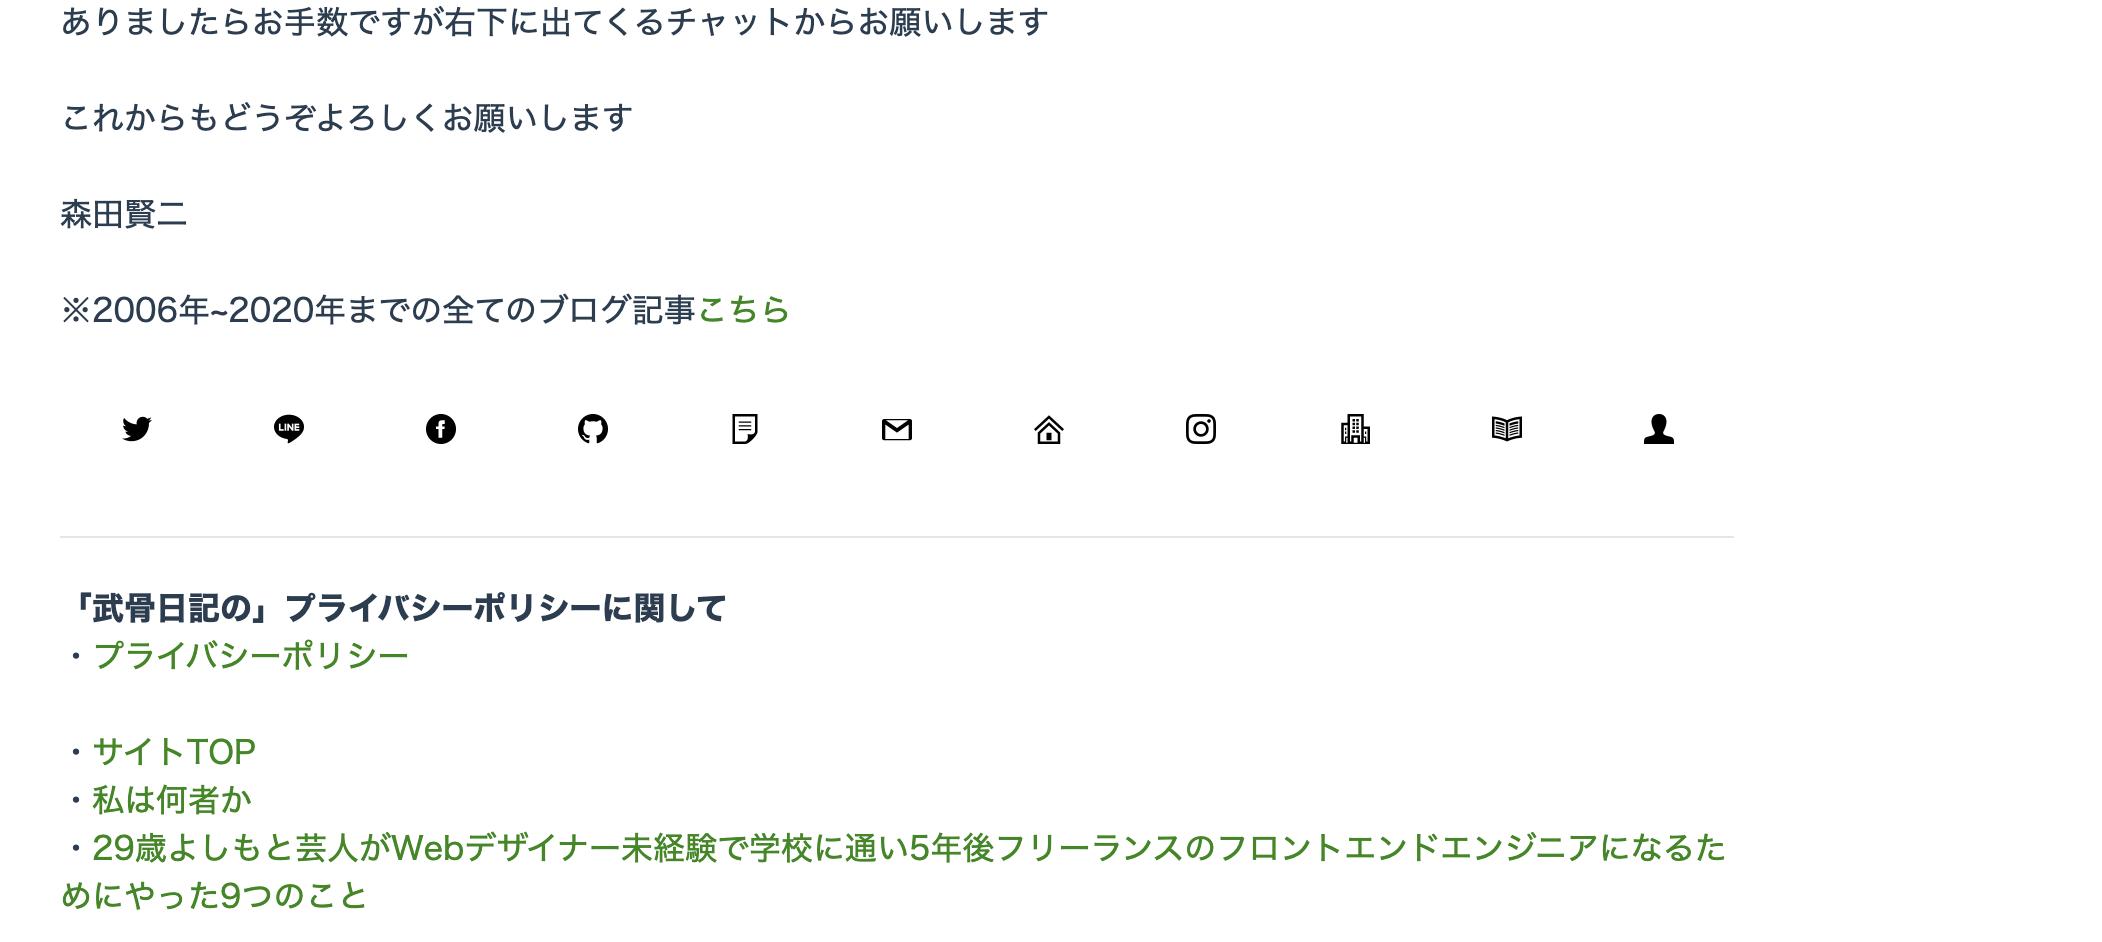 武骨日記のブログ改修。SNSアイコンをつける